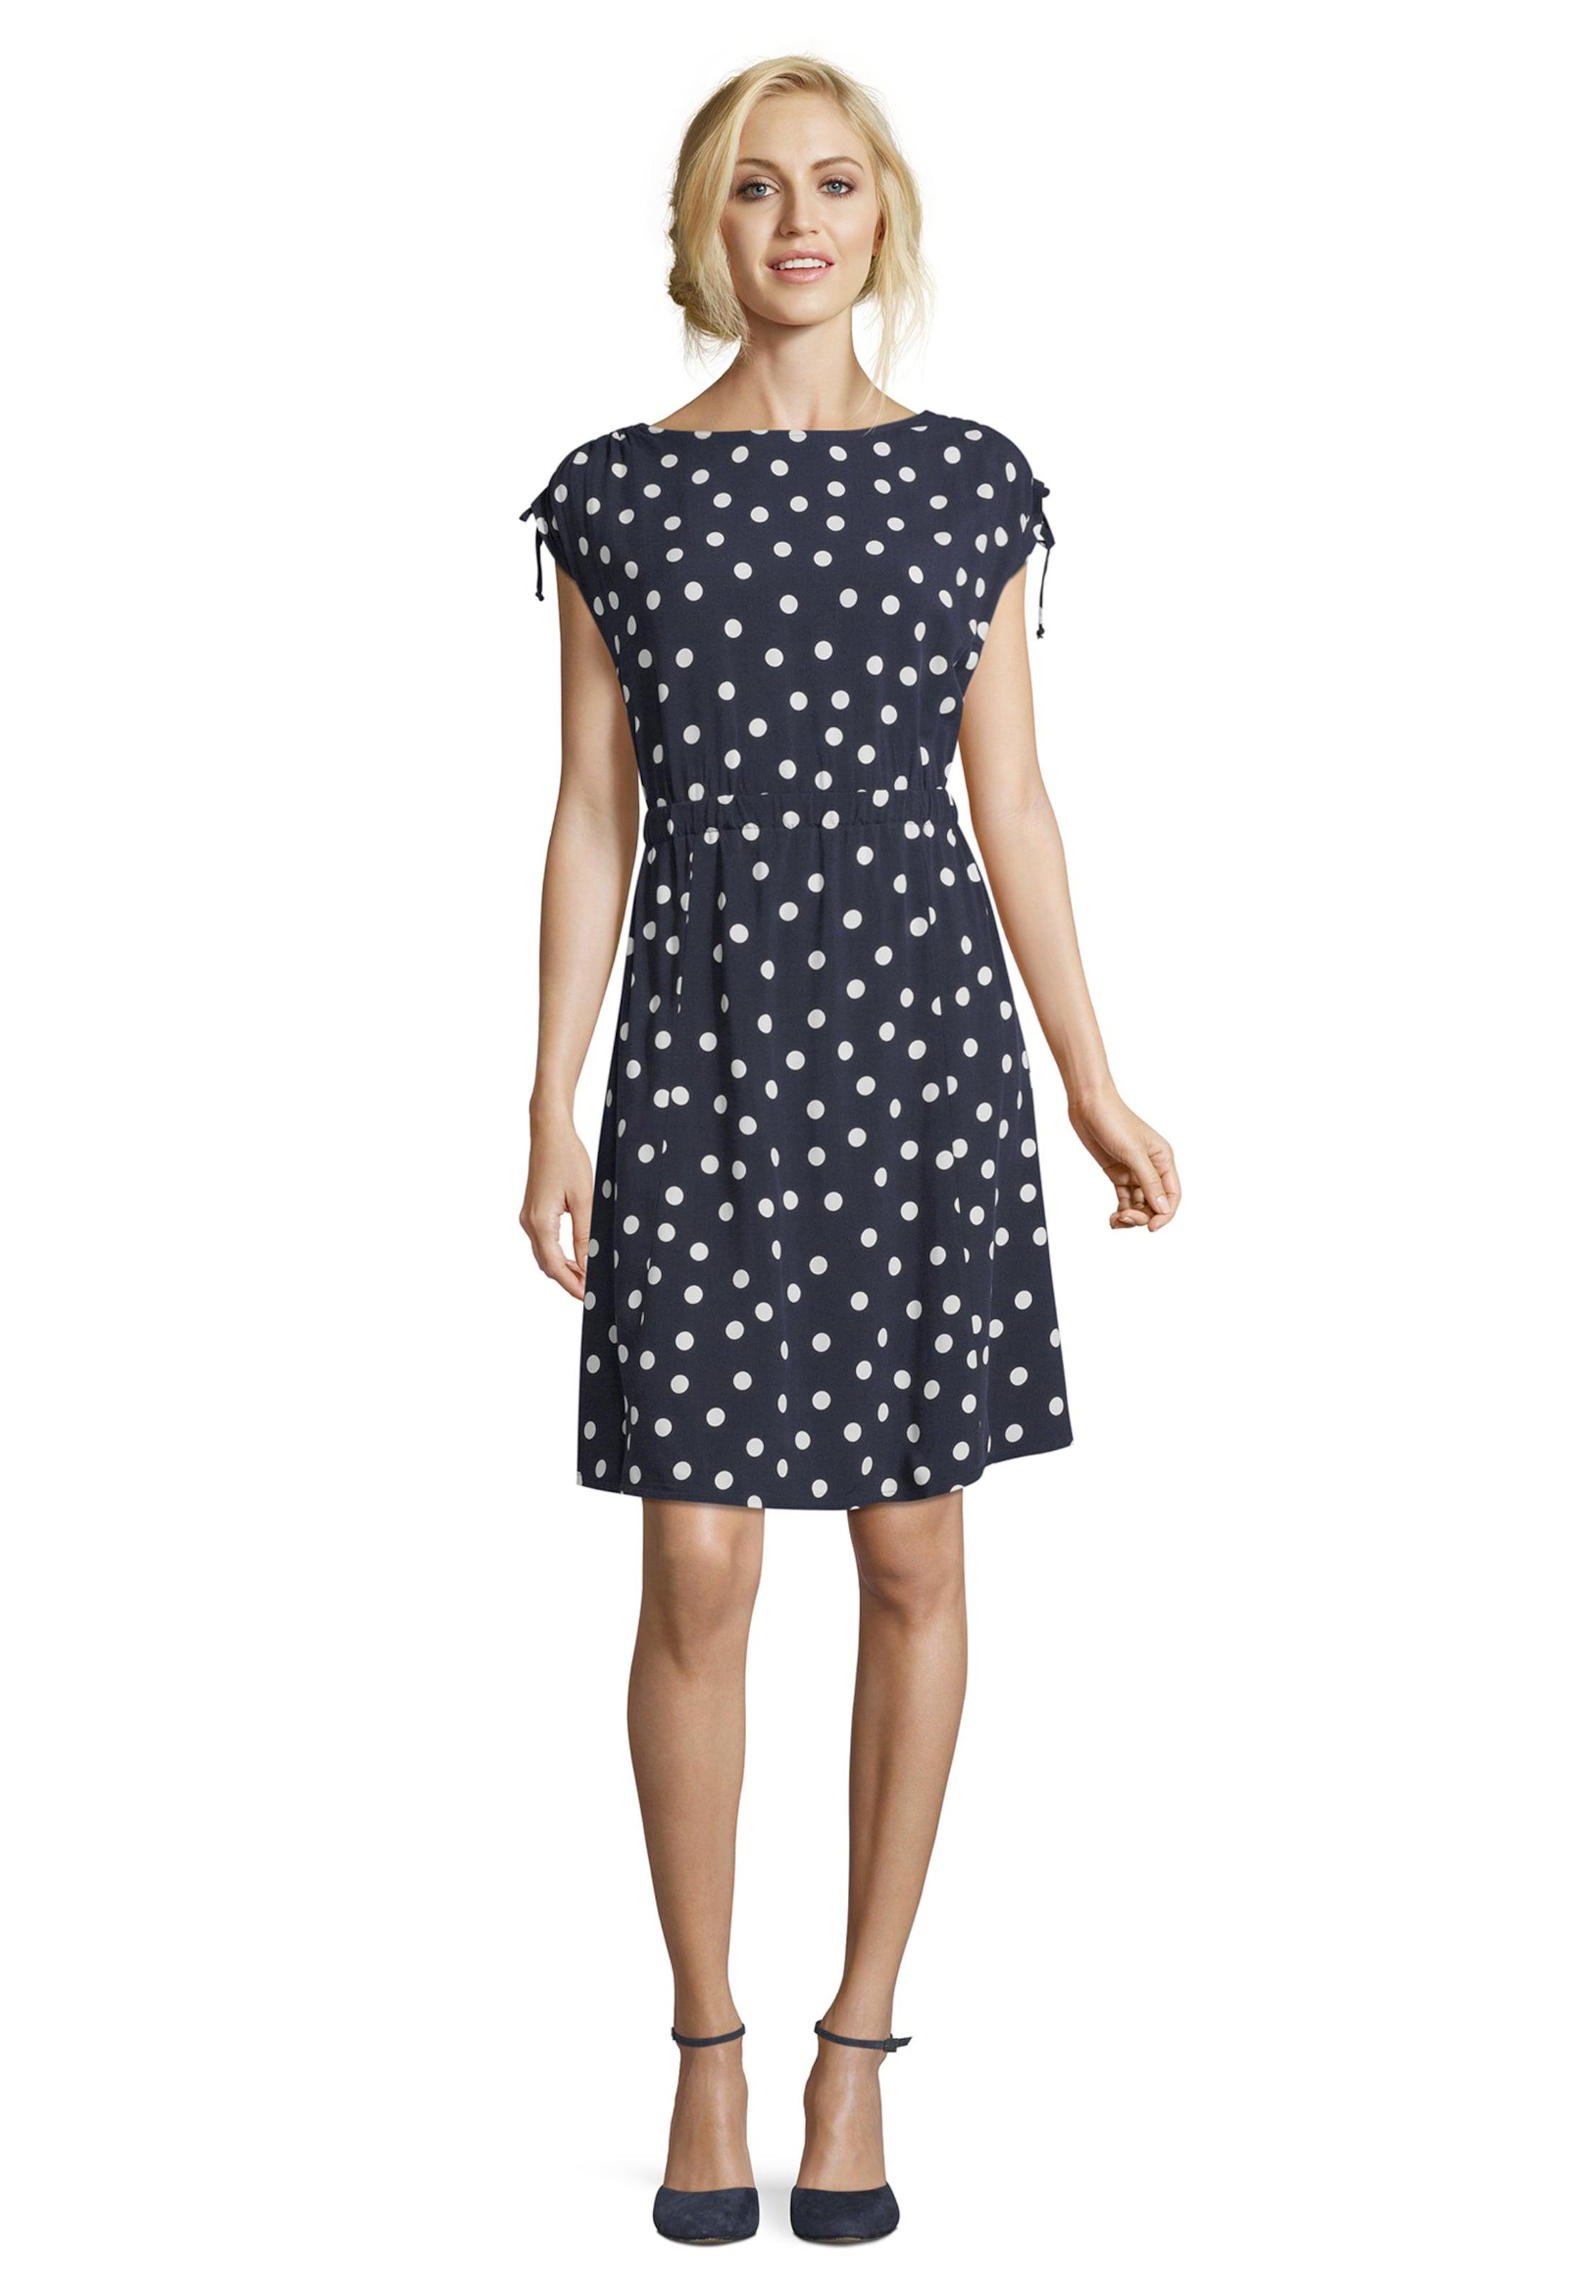 Barclay Barclay Betty Betty In DunkelblauWeiß Kleid DunkelblauWeiß Kleid Kleid In Betty Barclay PXiOTkwZu